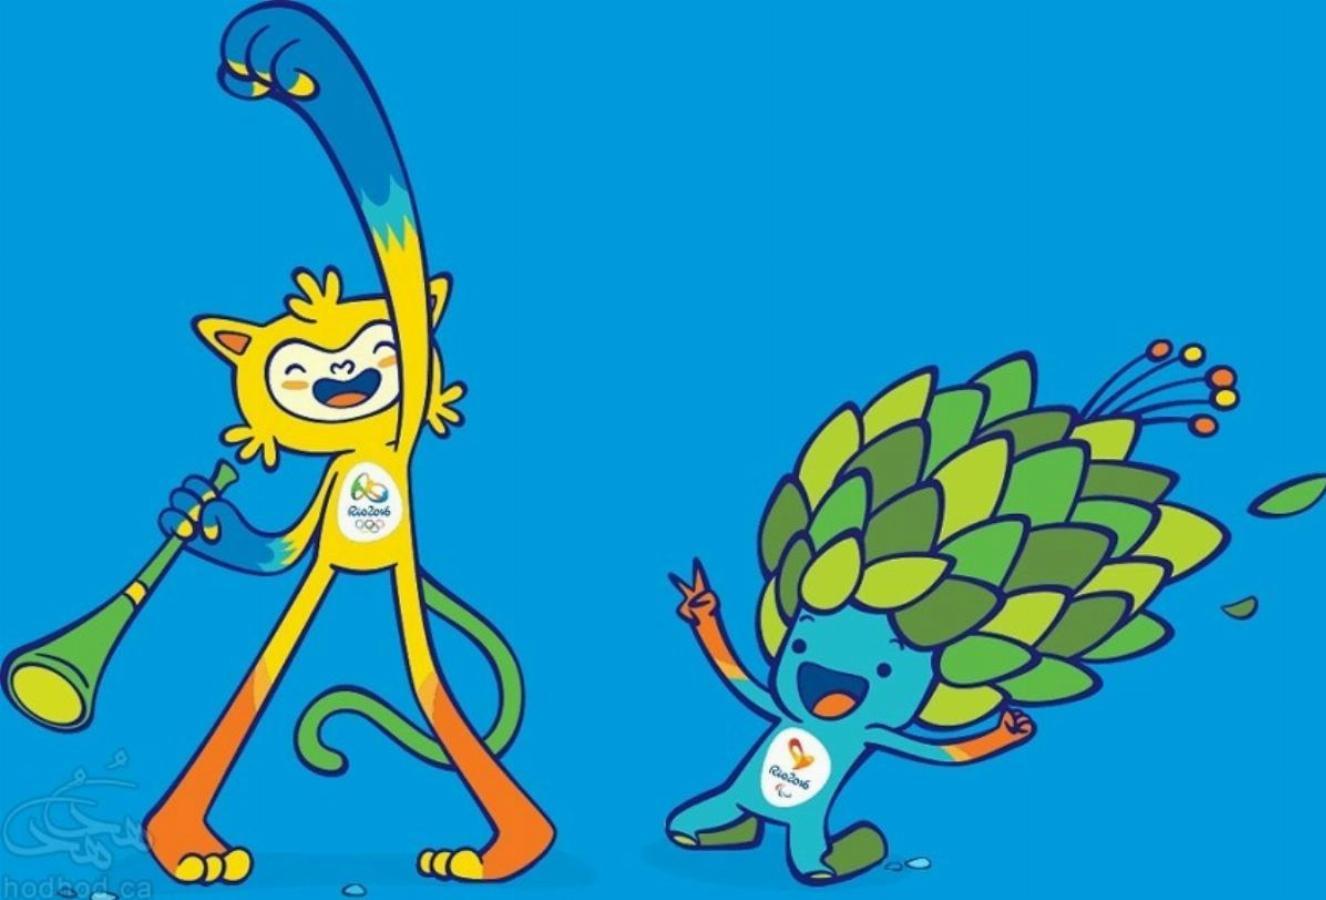 پرونده ای برای پایان المپیک ریو 2016، امریکا اول، کانادا بیستم، ایران بیست و پنجم و تاجیکستان پنجاه و چهارم